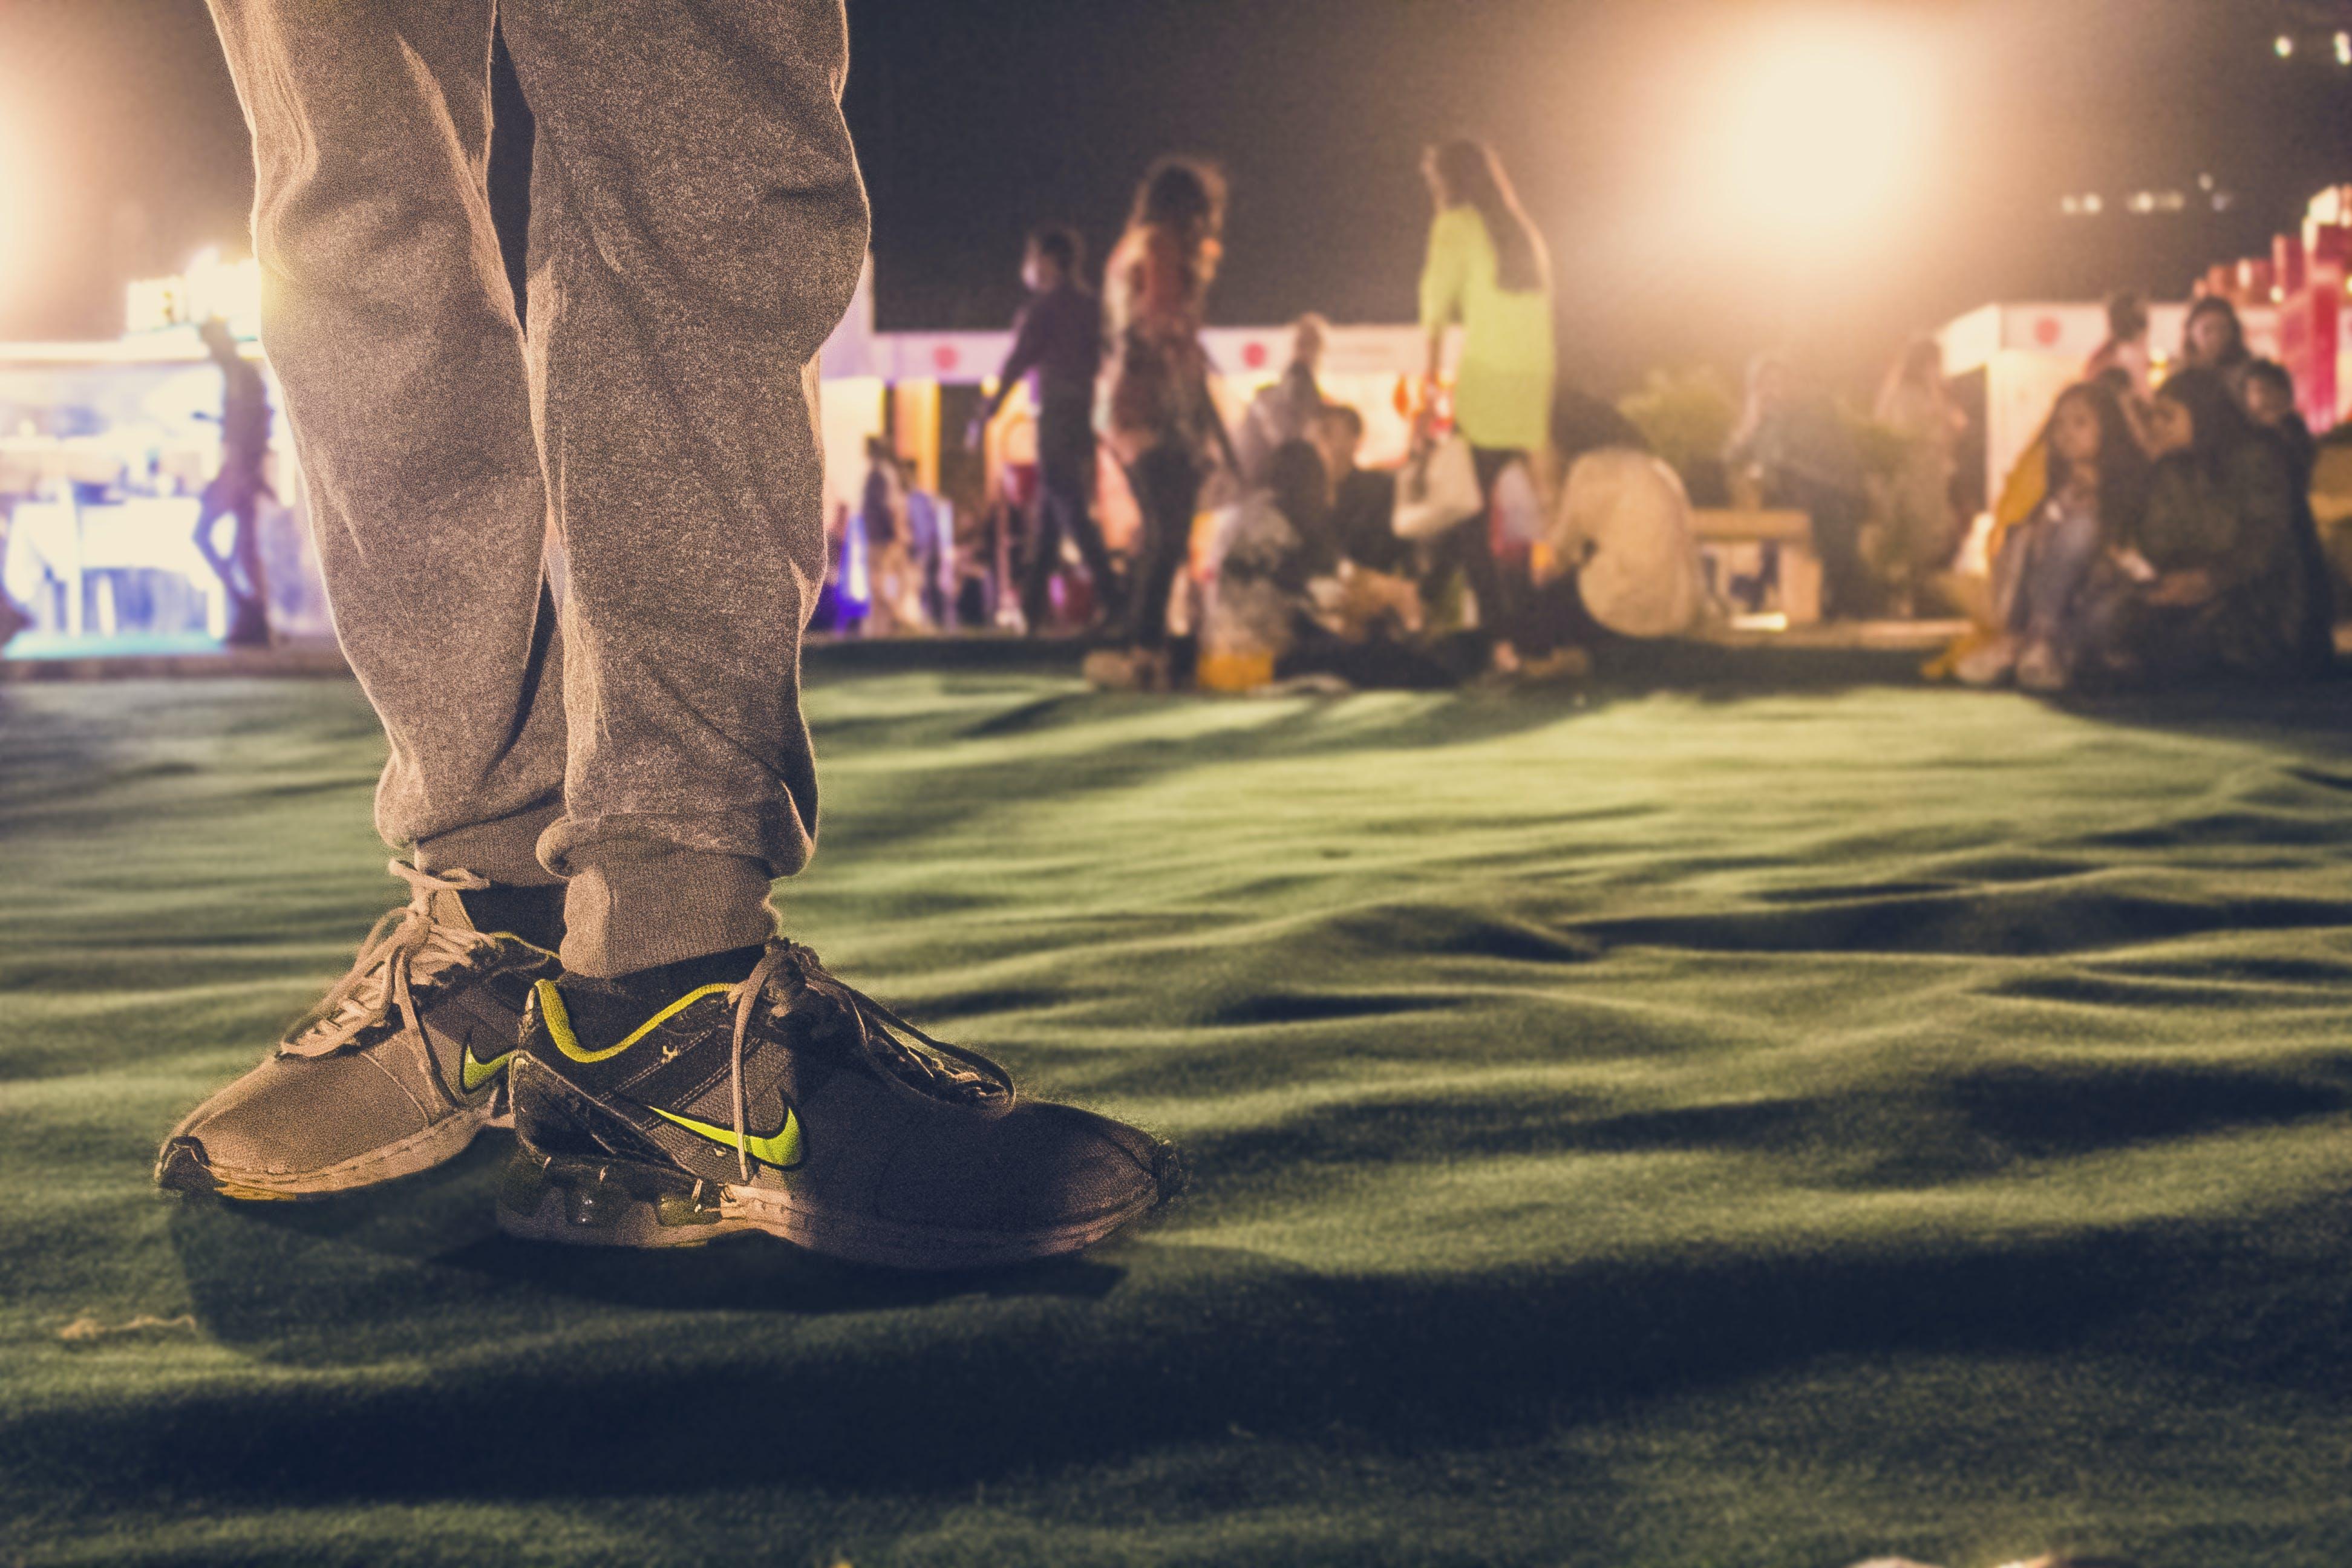 buty do biegania, dywan, festiwal